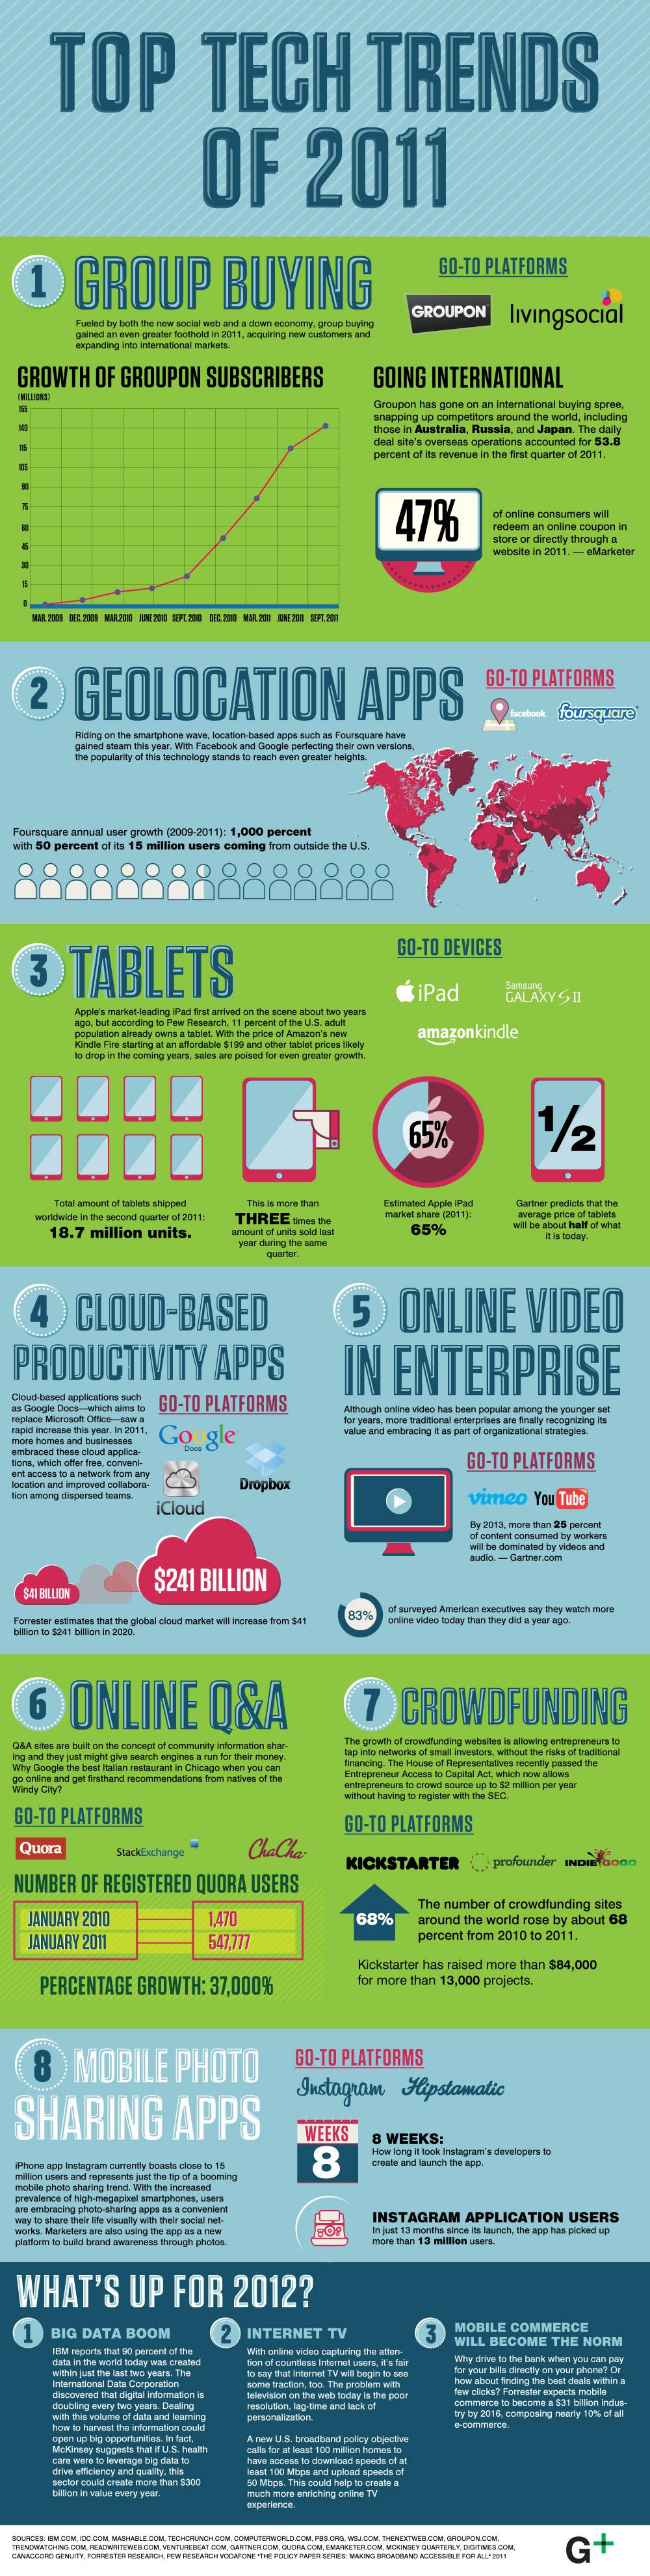 Topul tendintelor tehnologice ale anului 2011